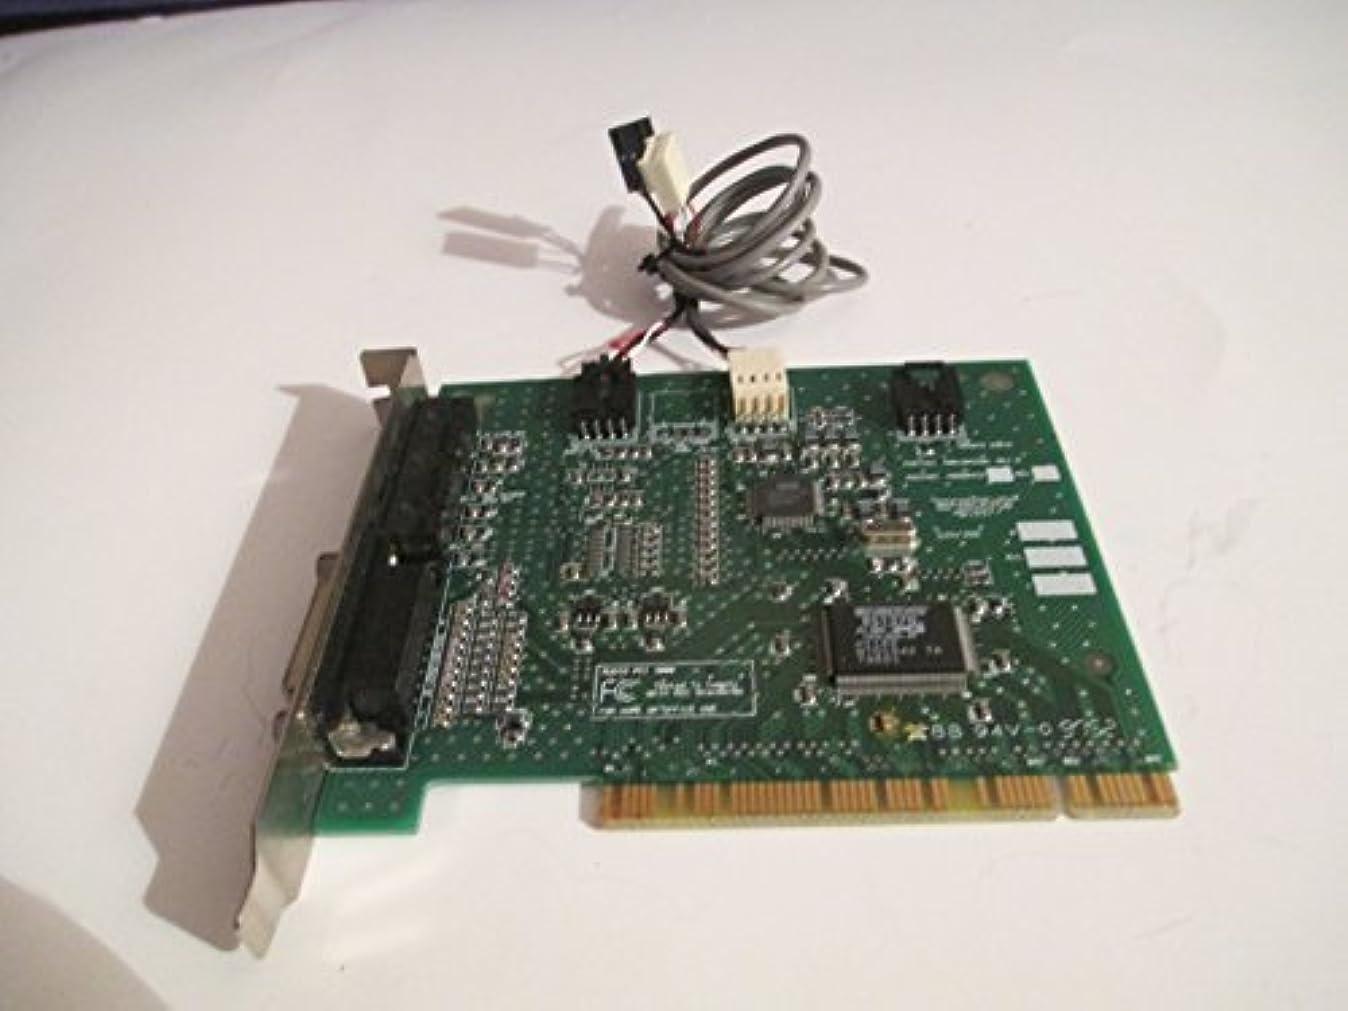 委員長武装解除勝利HP 5183 – 3640 Audiopci 3000 9806サウンドカードwith MIDIジョイスティックGameport、Ensoniq es1370